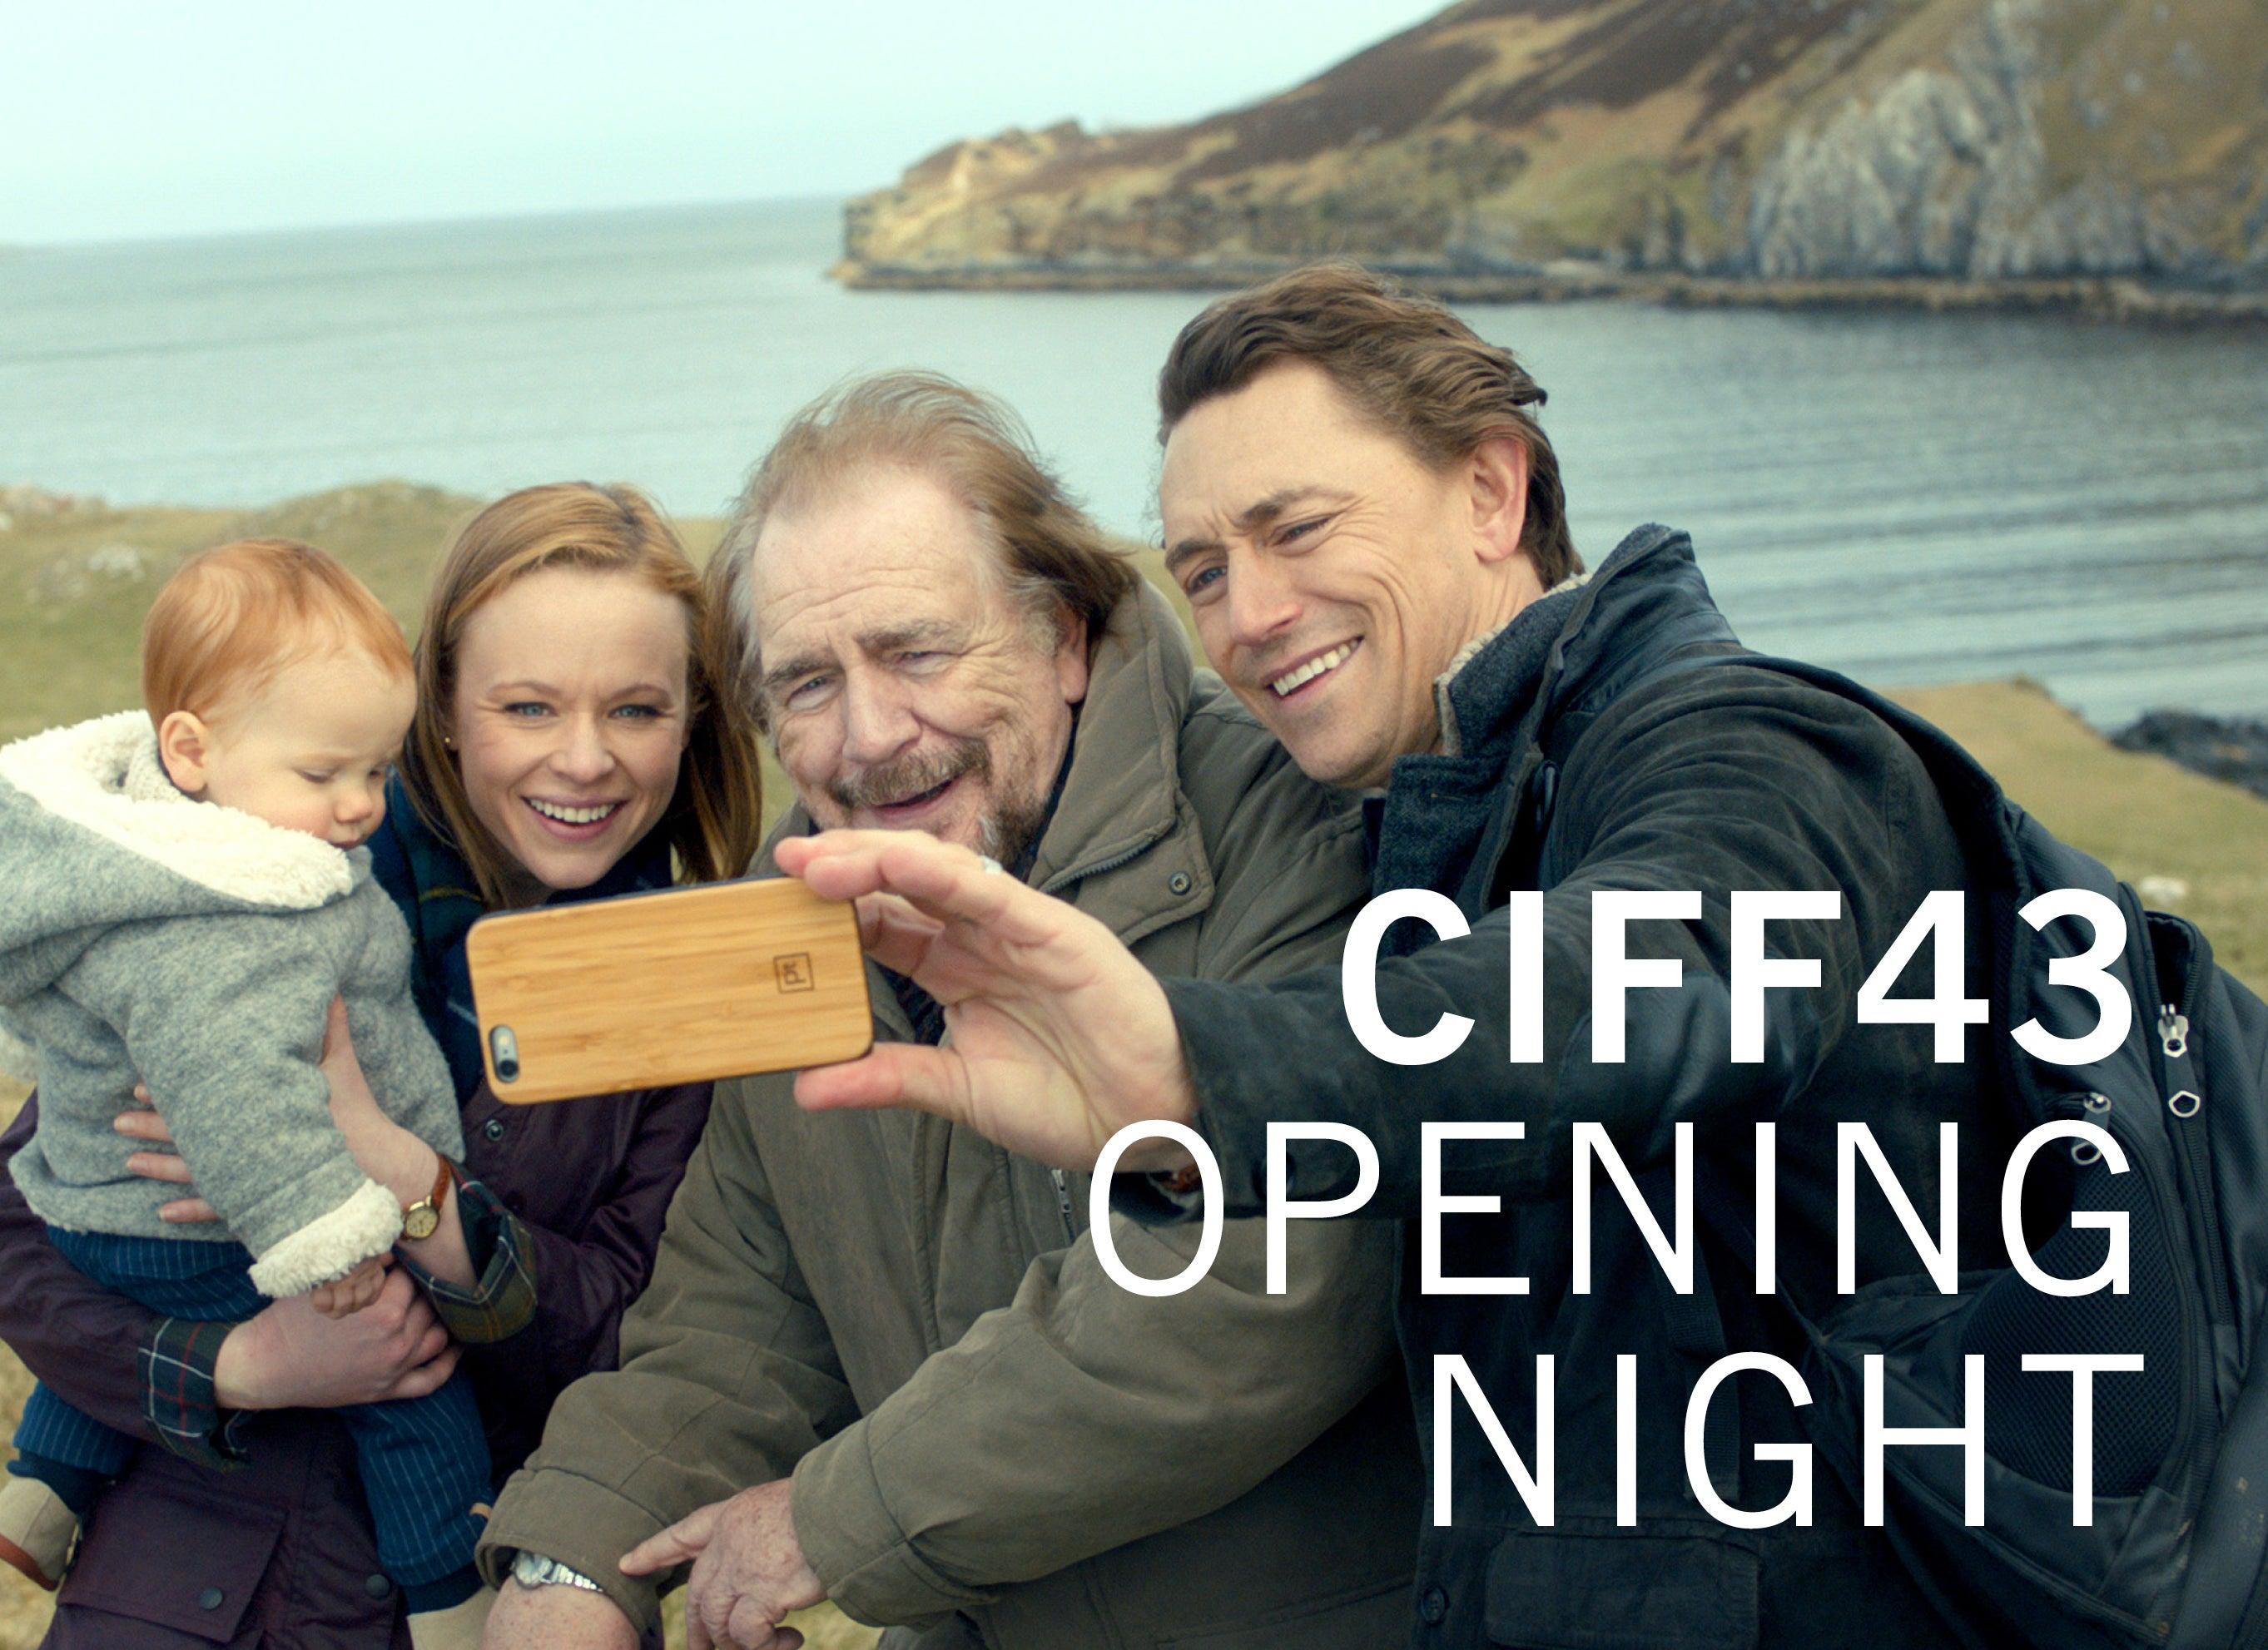 ciff43_openingnight_film_654x476.jpg